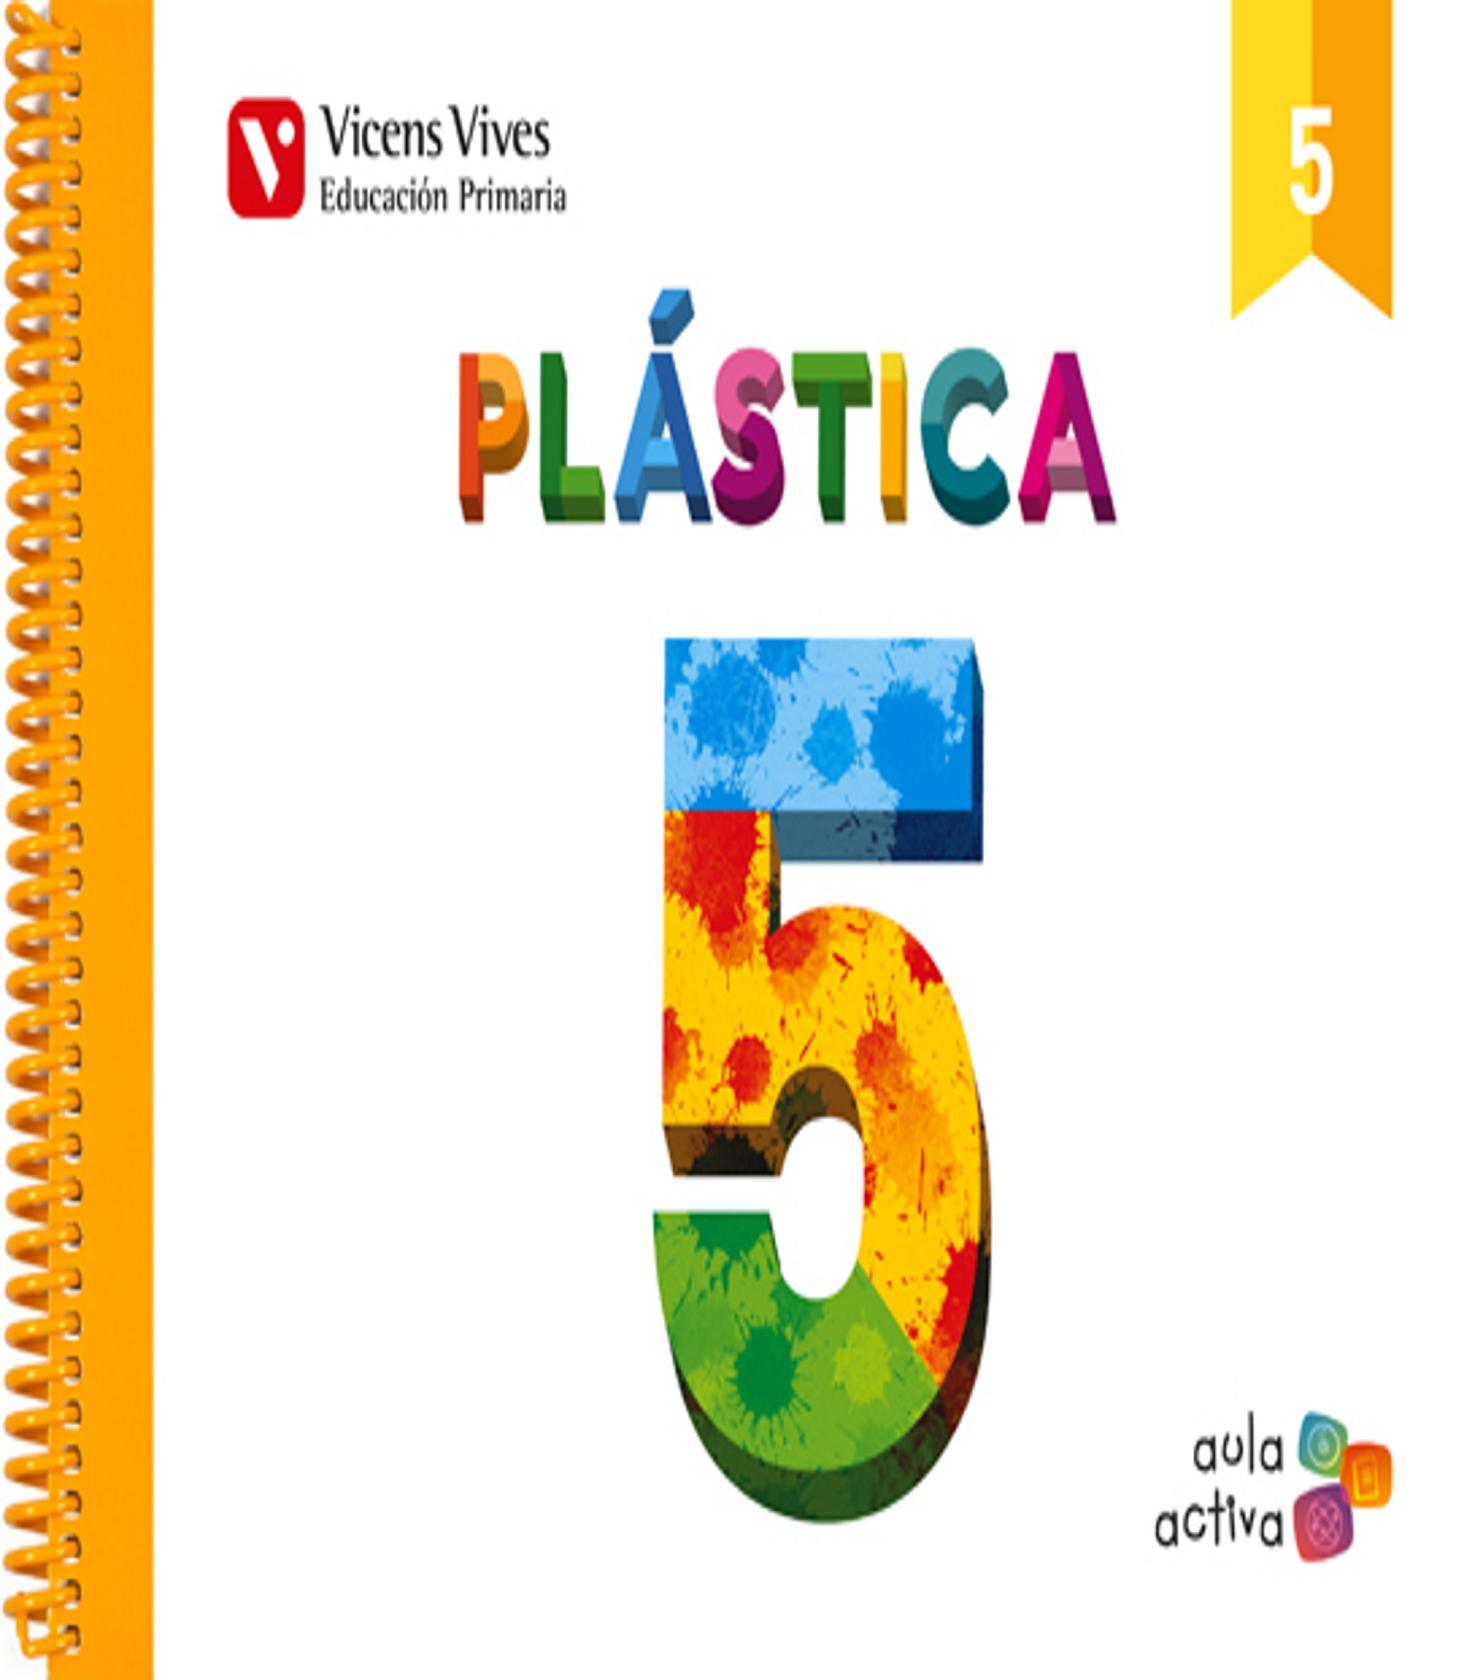 PLASTICAS 5º PRIMARIA - Aula Activa